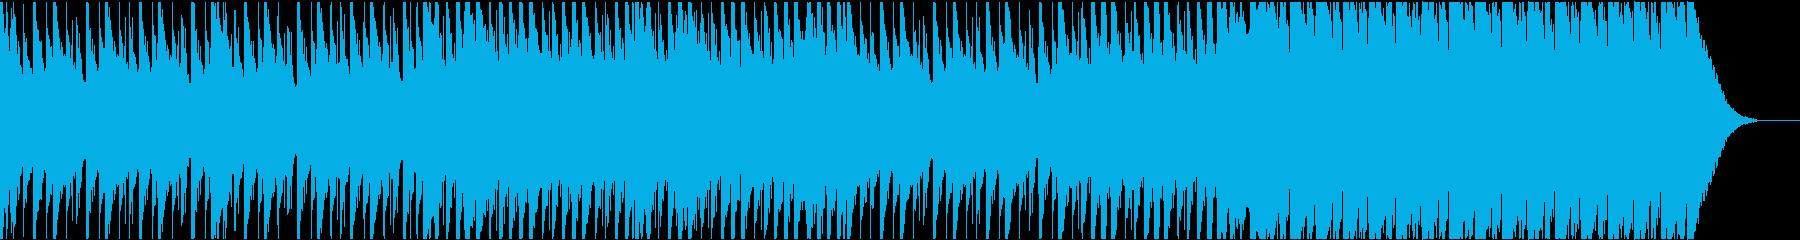 声素材使用 無機質でミニマルなトラックの再生済みの波形